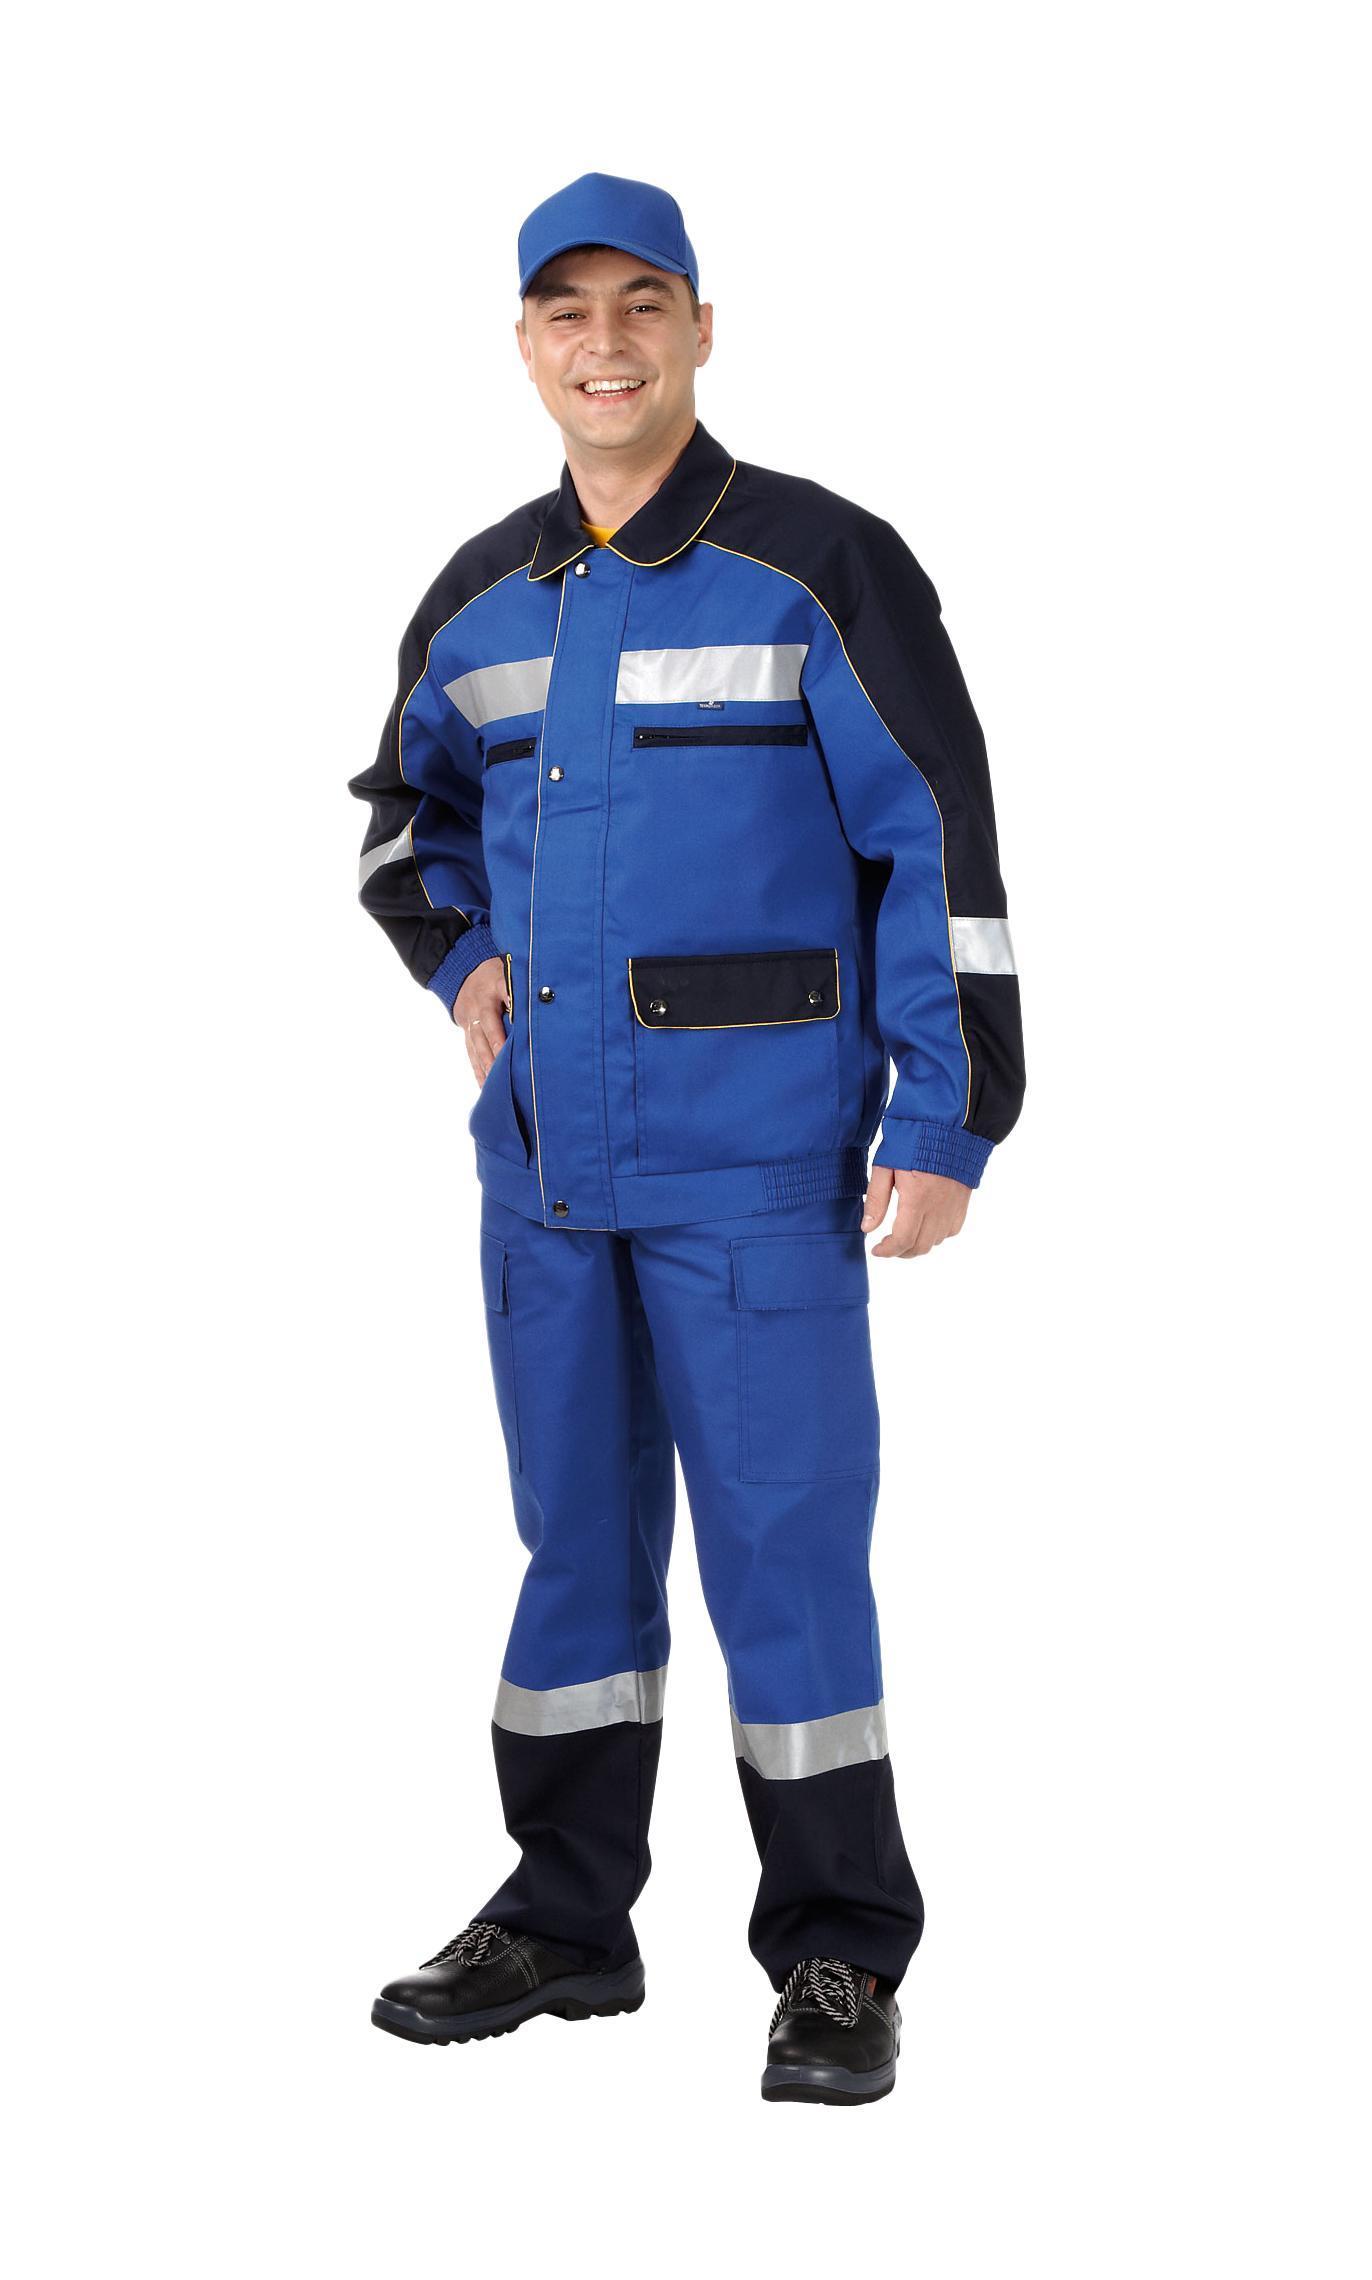 Костюм рабочий ТЕХНОАВИАКостюмы<br>Тип: куртка с полукомбинезоном,<br>Размер: 88-92/158-164,<br>Пол: мужской,<br>Материал: хлопок/полиэстер,<br>Плотность ткани: 250,<br>Цвет костюма: синий/желтый,<br>Водоотталкивающая пропитка: есть,<br>Светоотражающие вставки: есть<br>